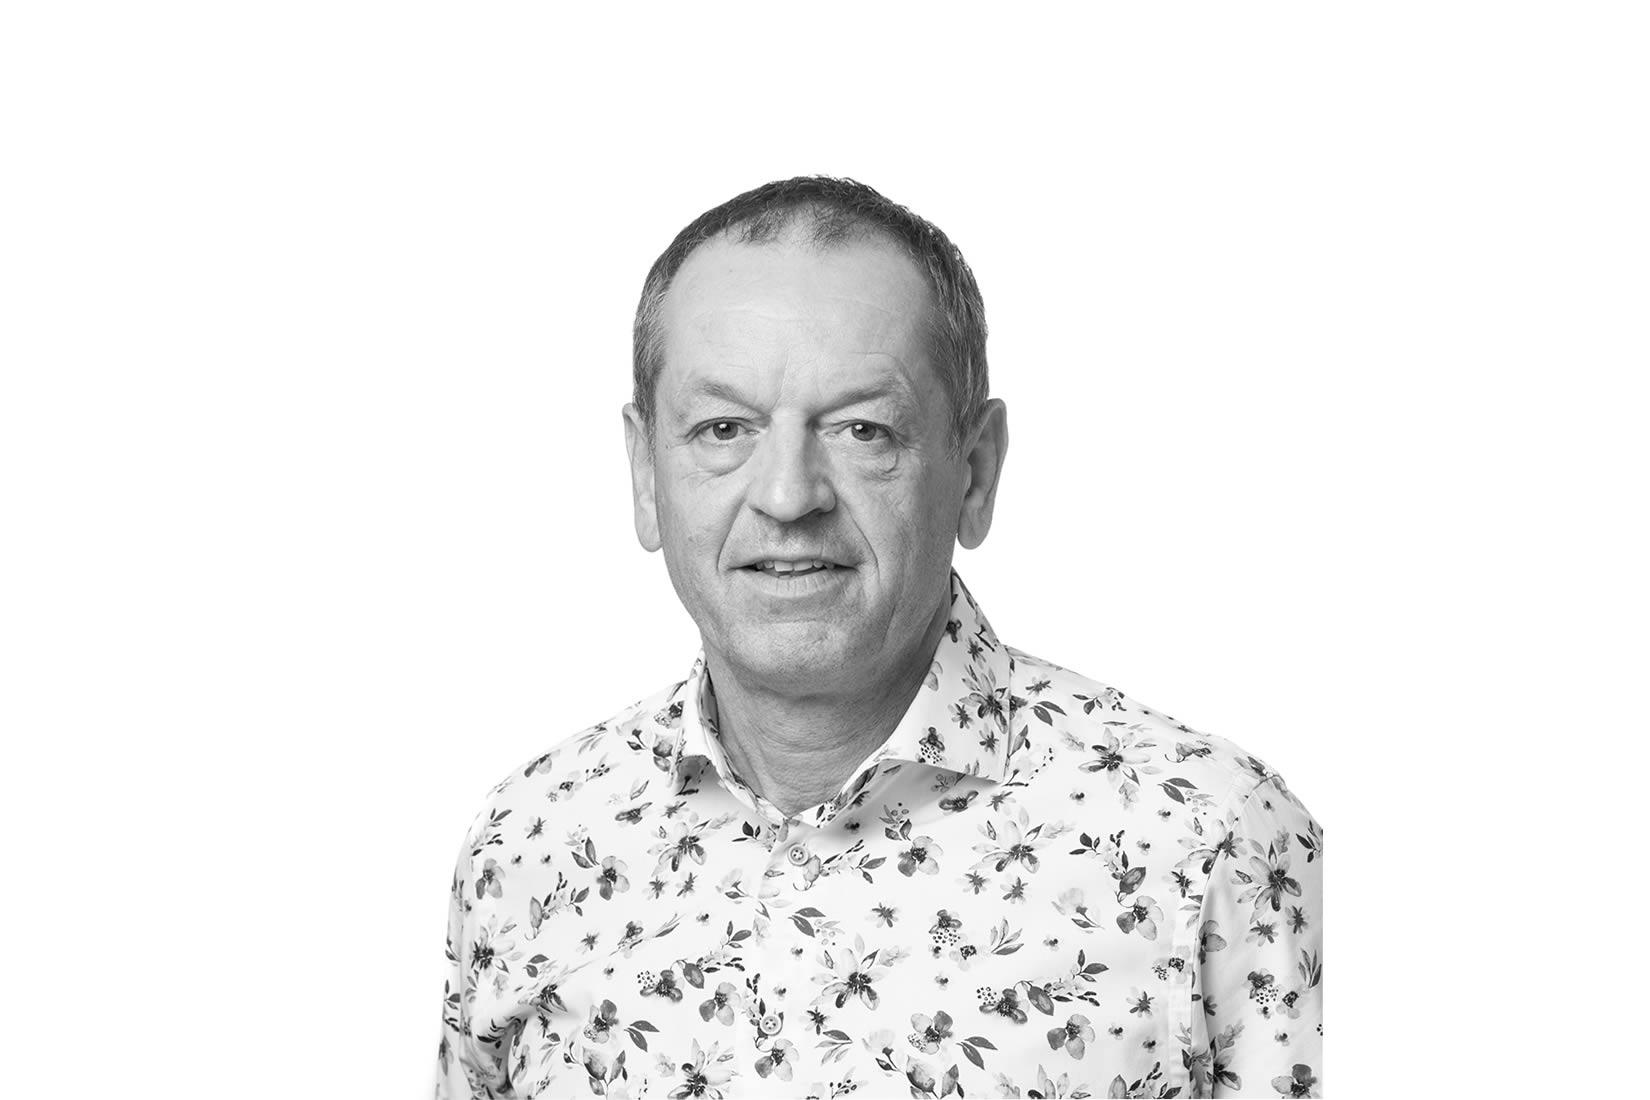 Eric van der Kroft